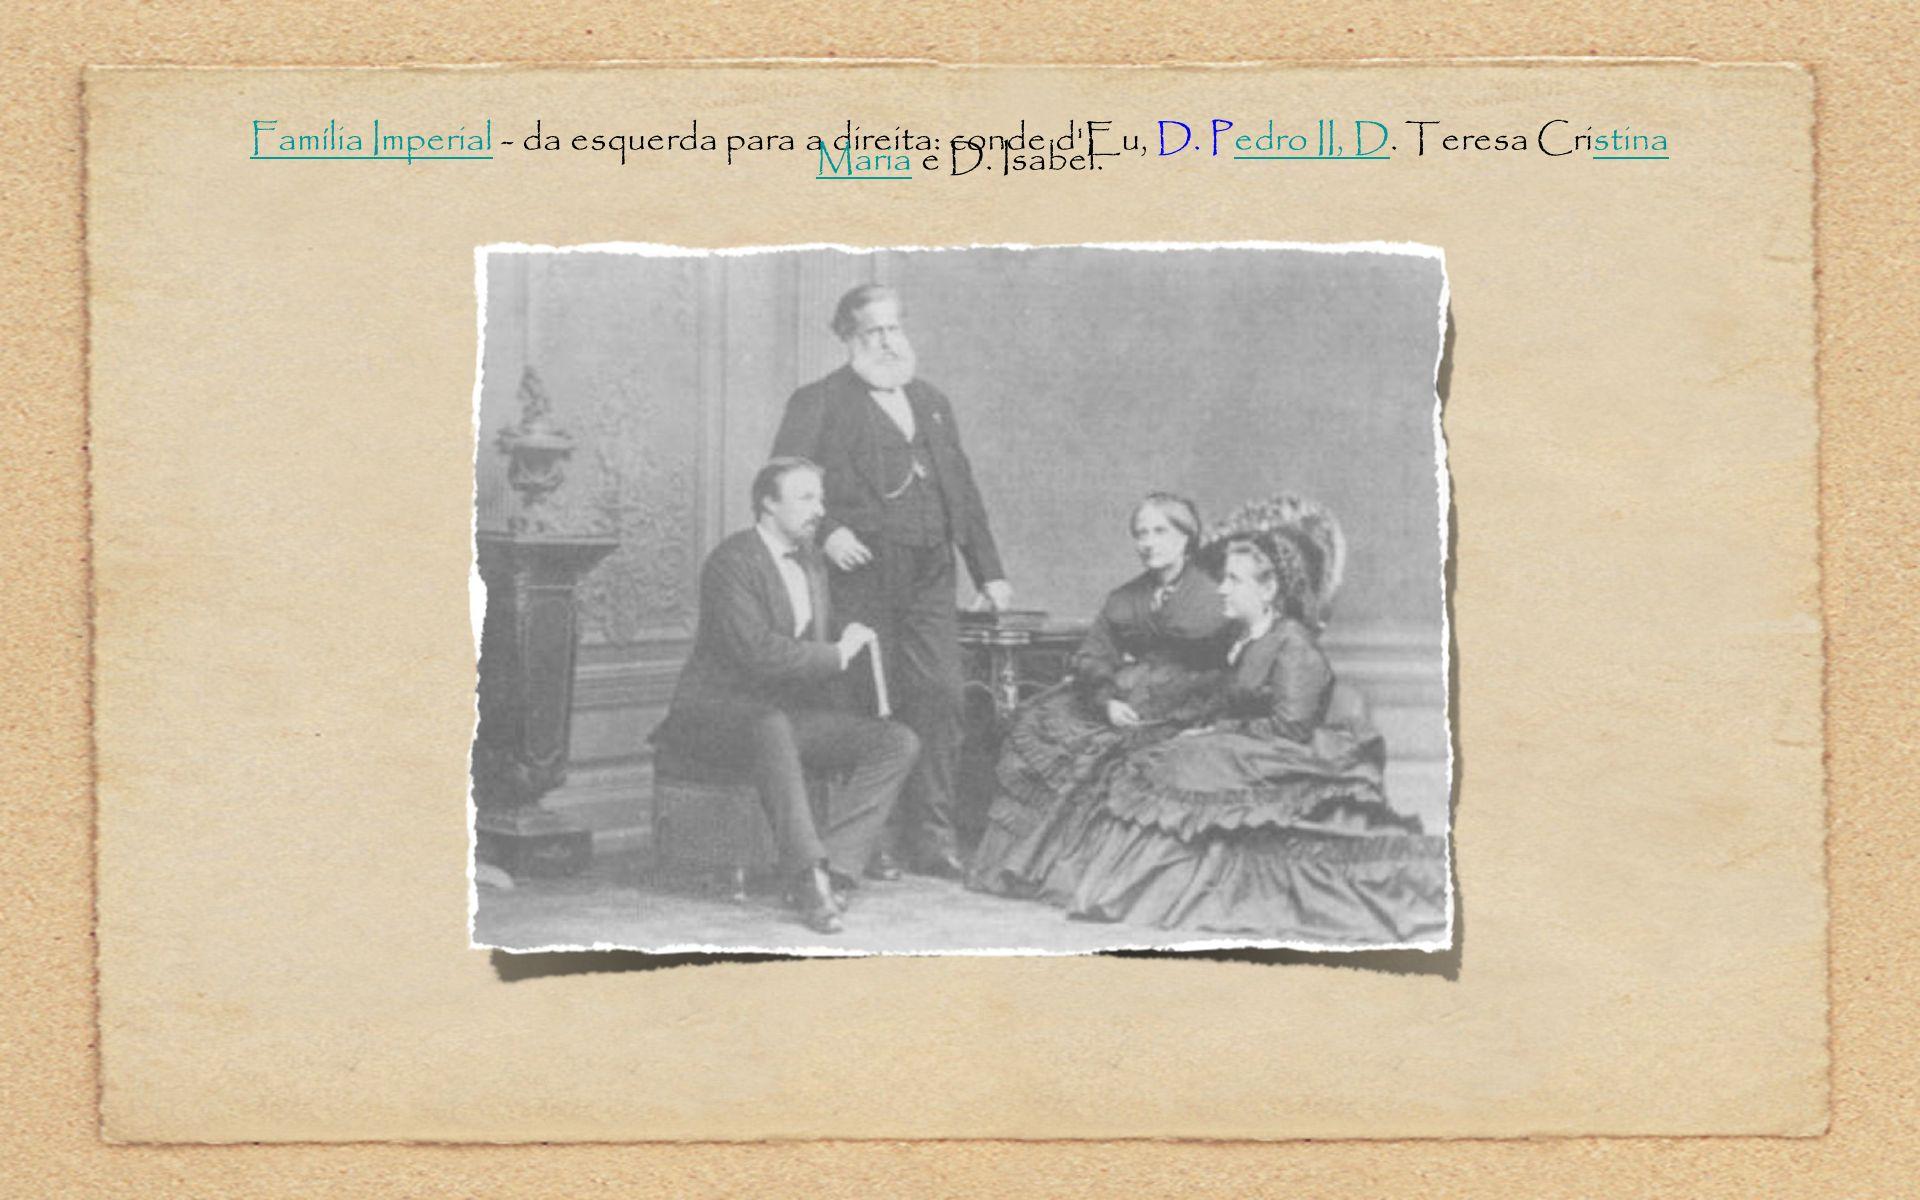 Família Imperial - da esquerda para a direita: conde d Eu, D